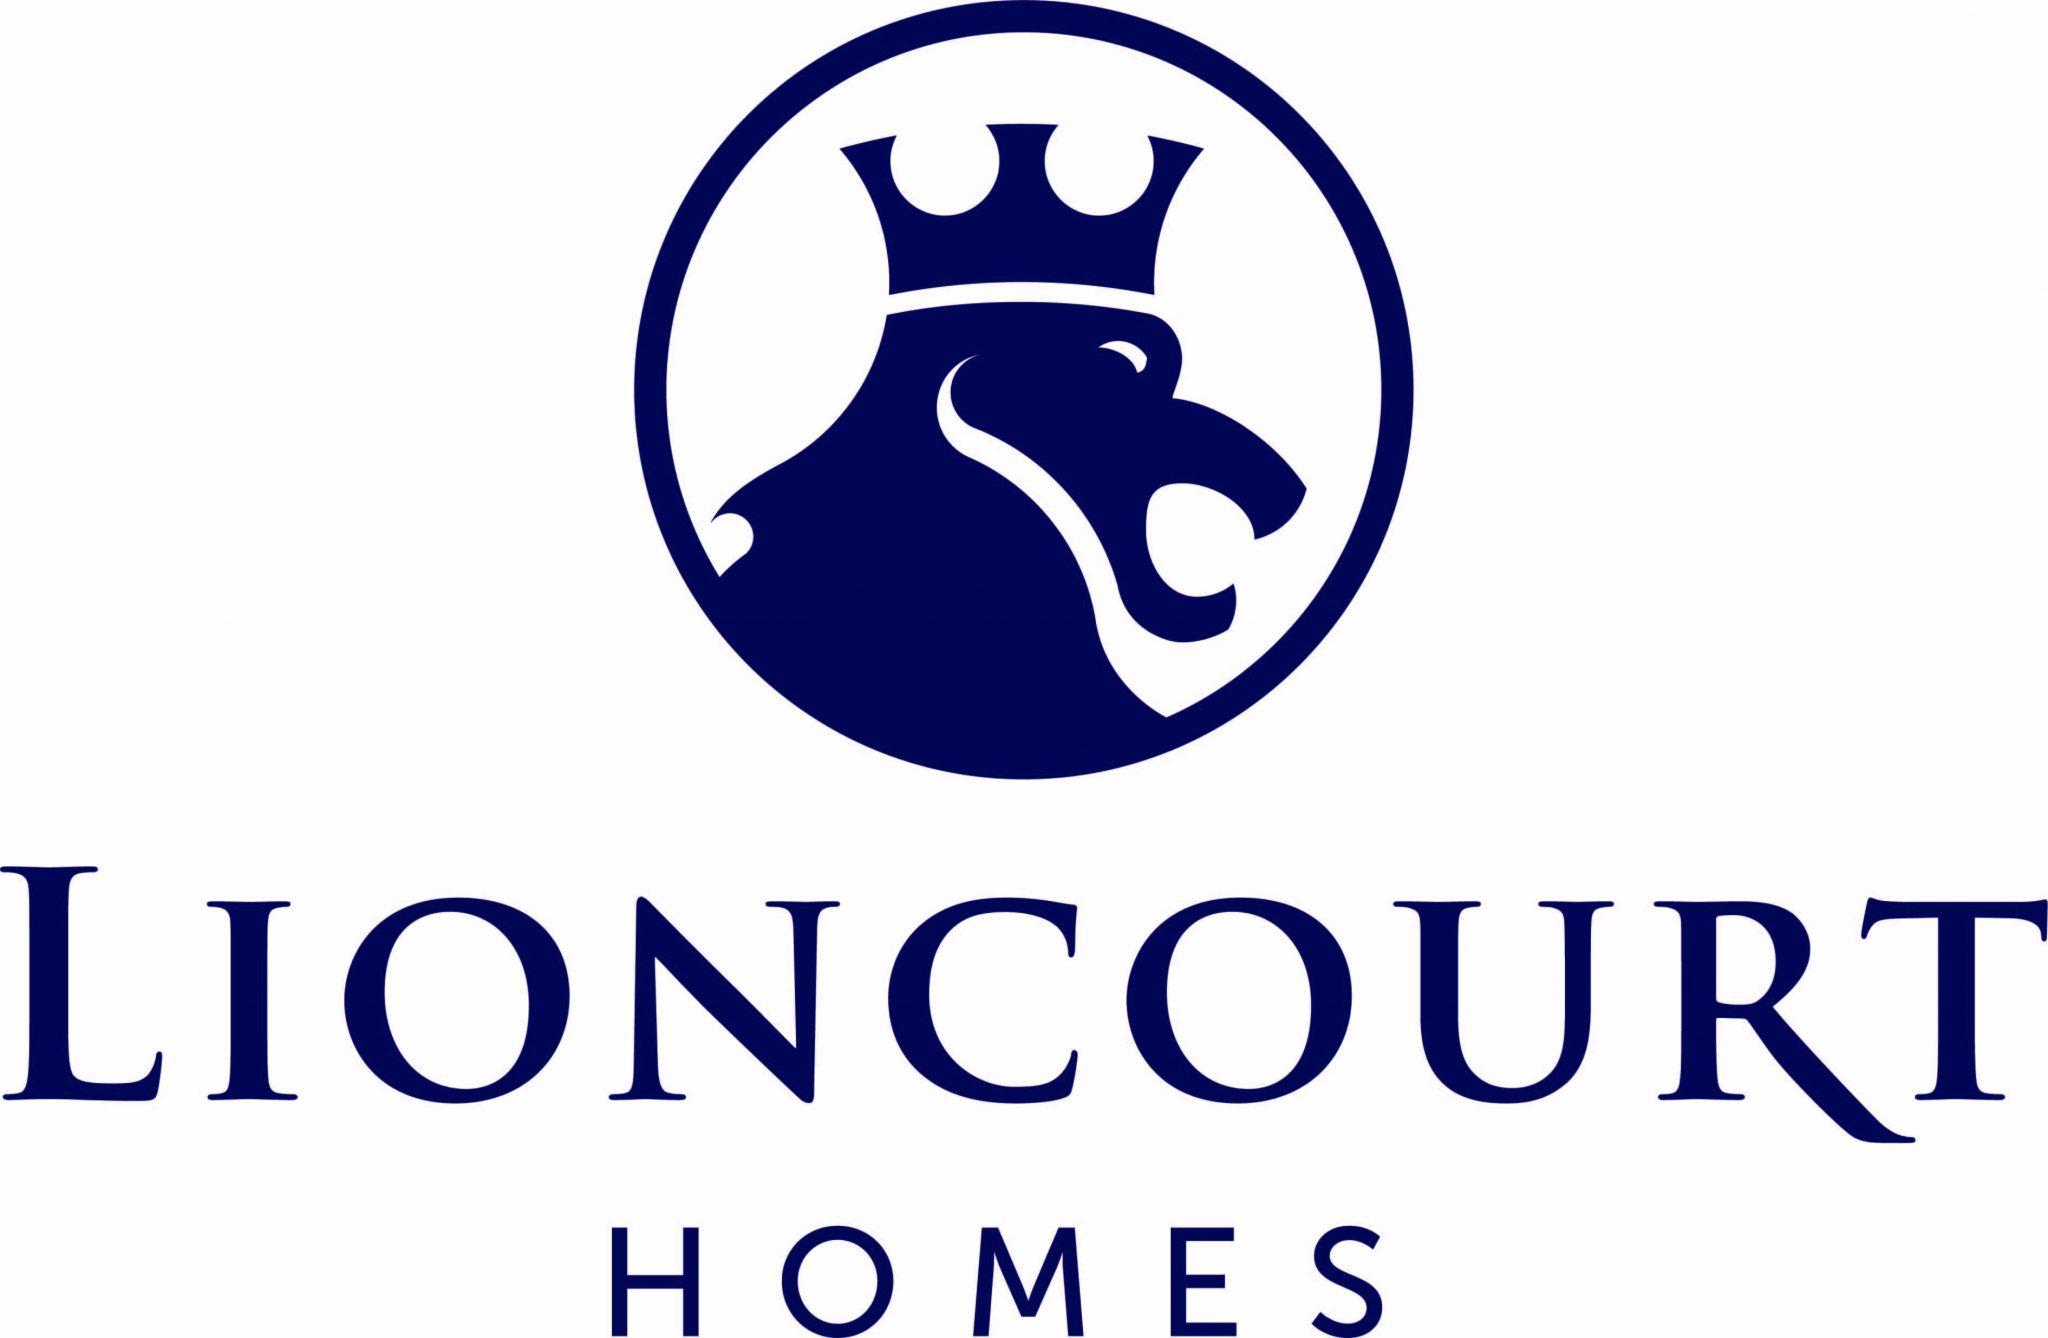 lioncourt-homes-logo